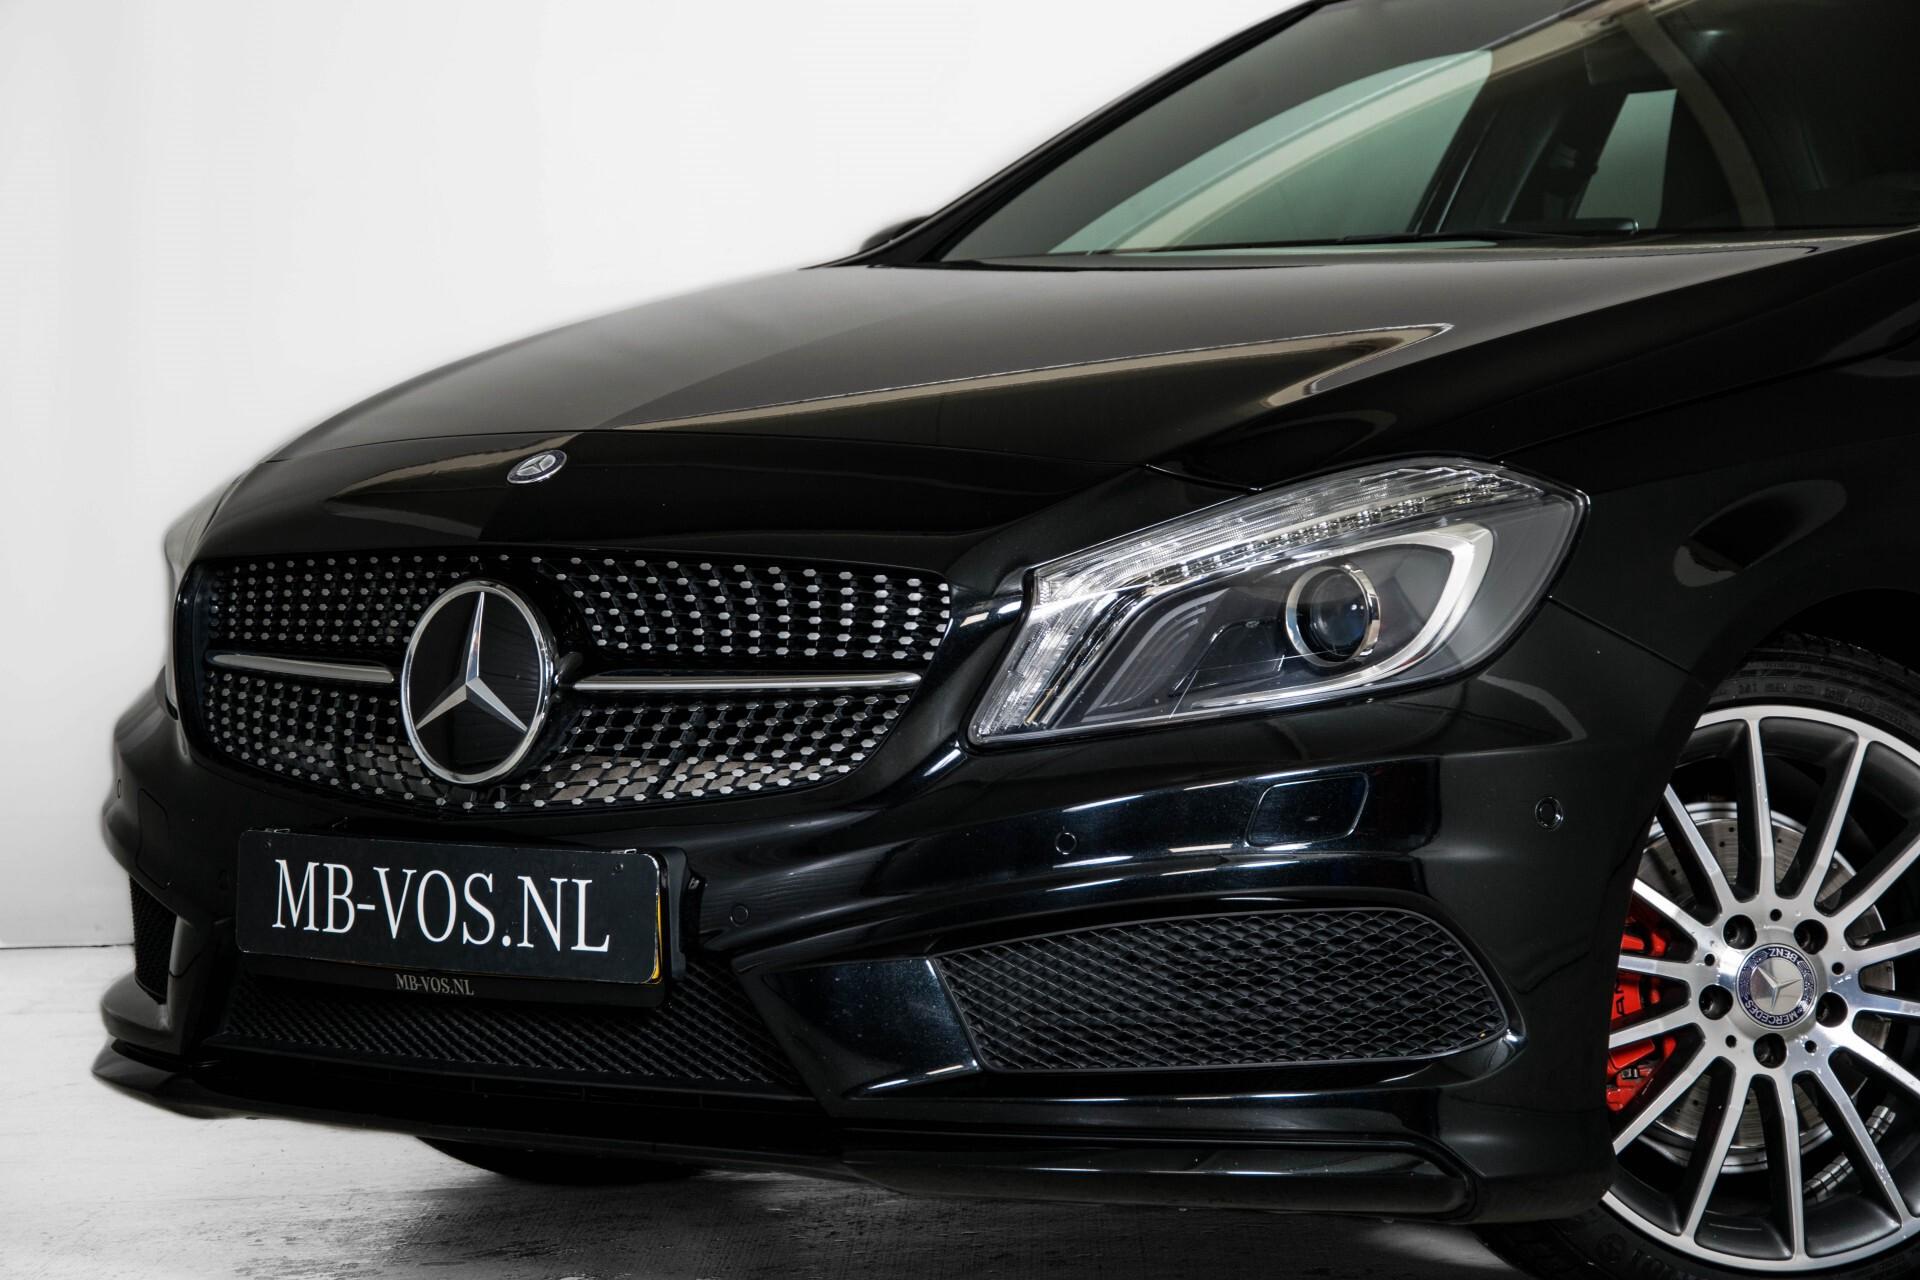 Mercedes-Benz A-Klasse 180 Cdi AMG Panorama Bi-xenon/Navi/PTS Aut7 Foto 31